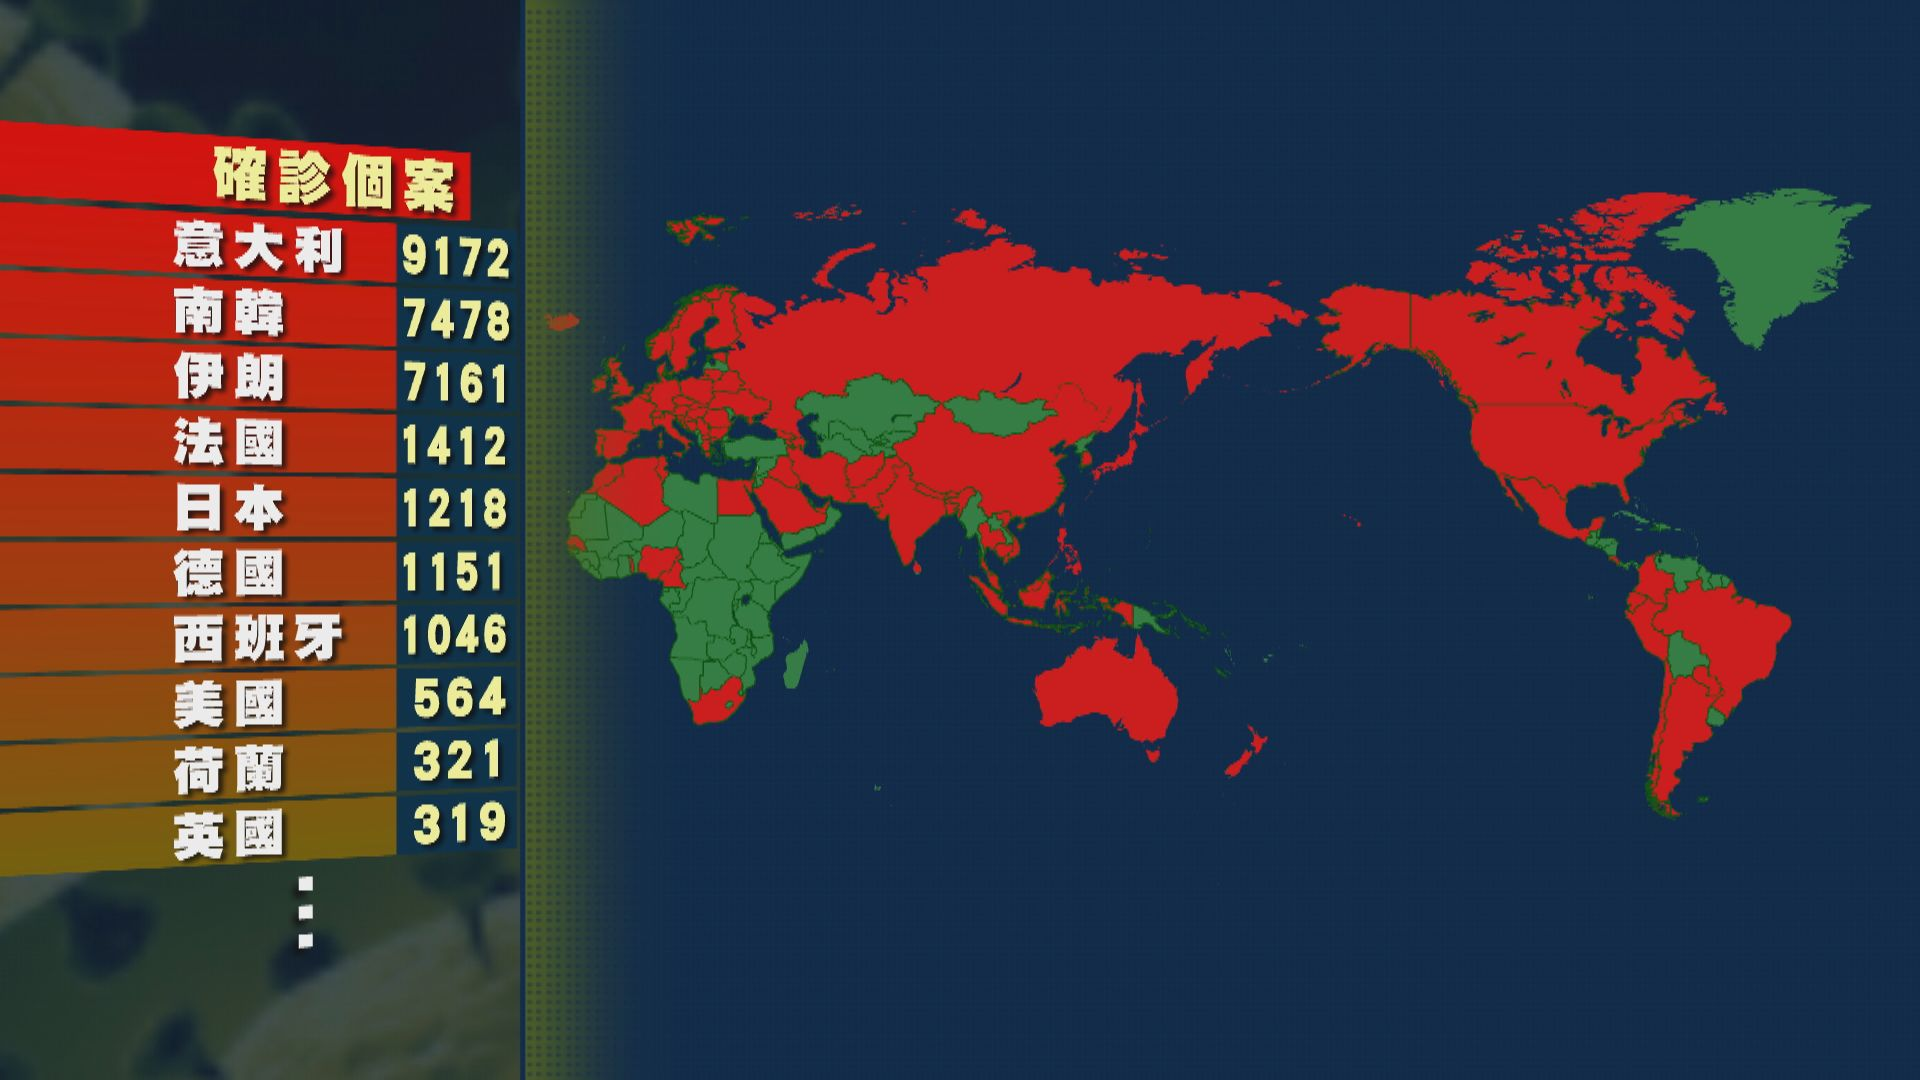 意大利確診個案增逾1700宗 累計增至9172宗